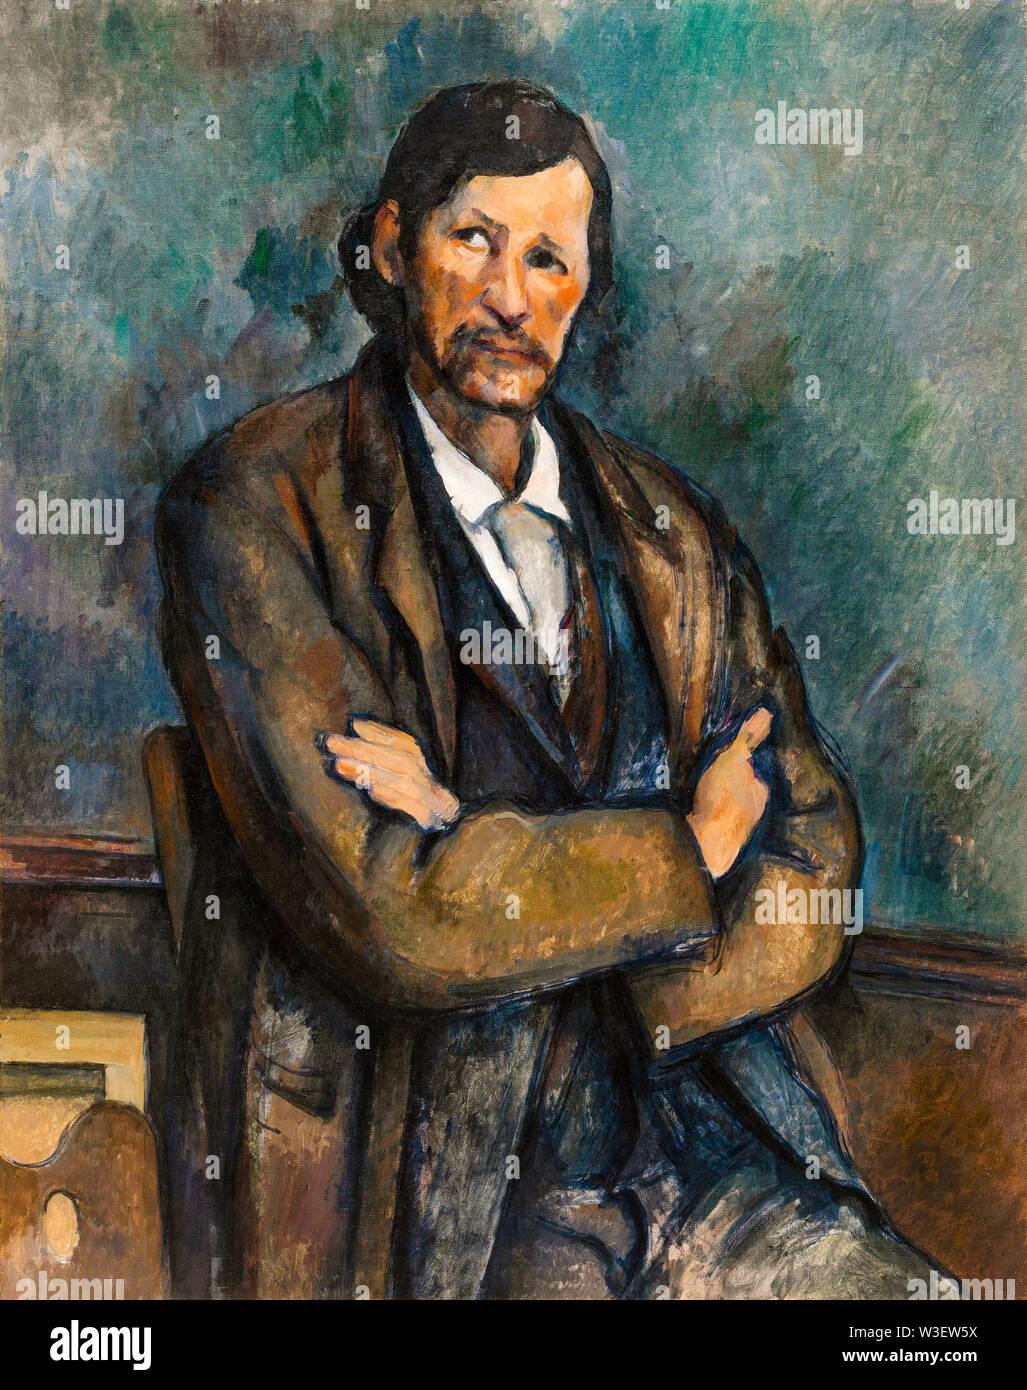 Paul Cézanne, l'Homme les bras croisés, portrait, vers 1899 Banque D'Images